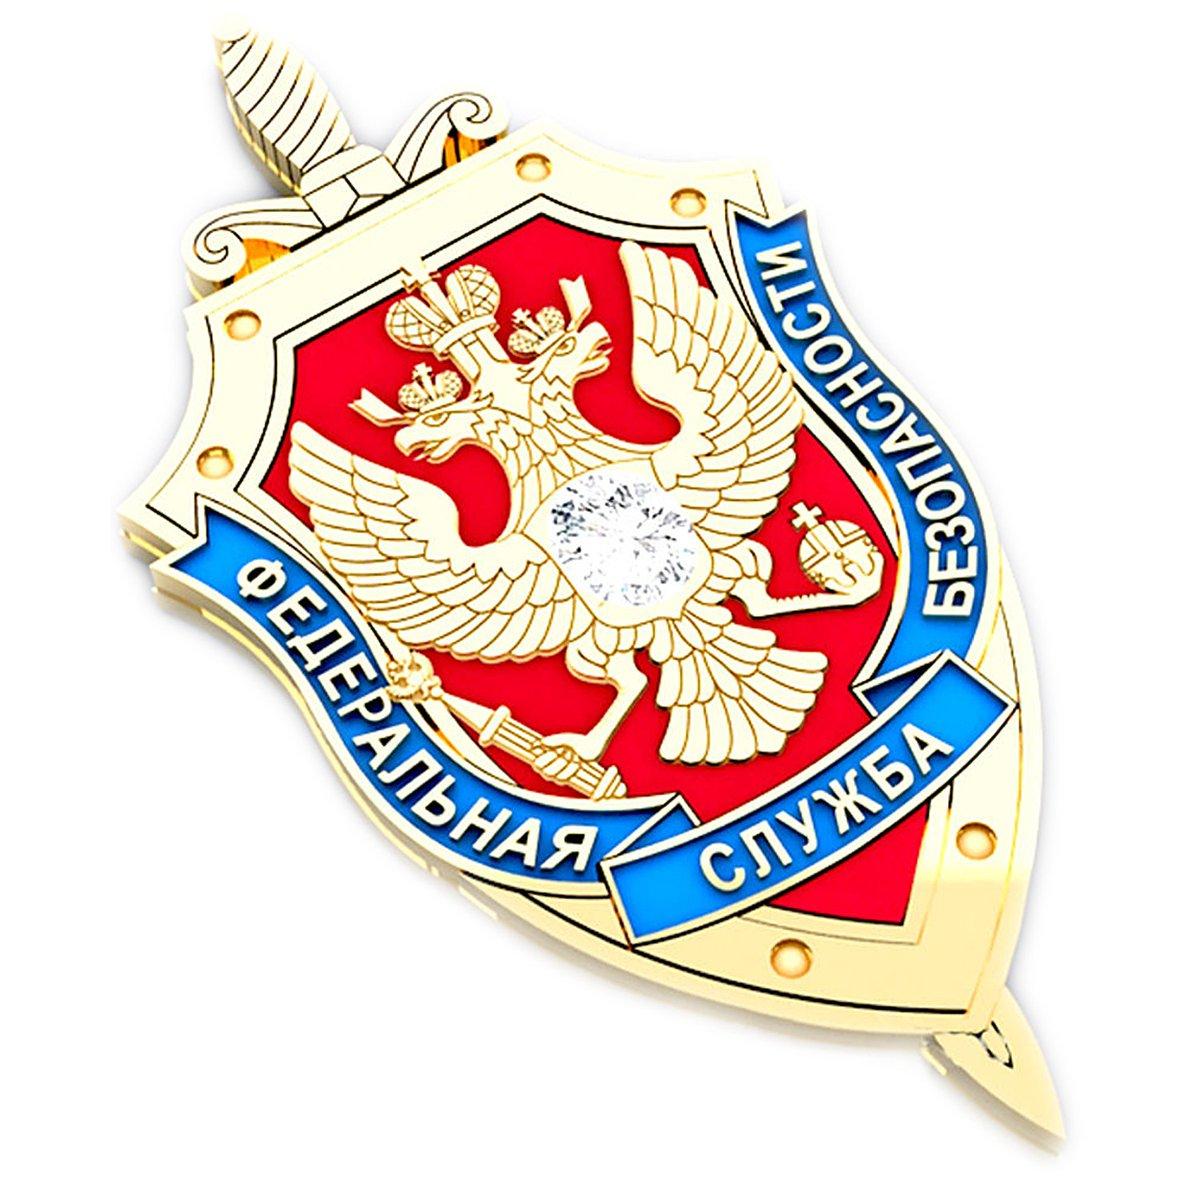 День работников фсб россии